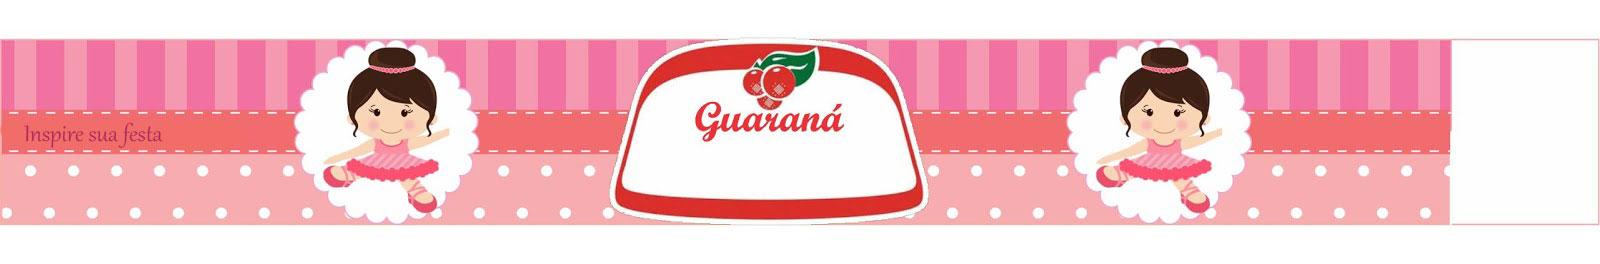 rotulo guarana bailarina gratuito 2